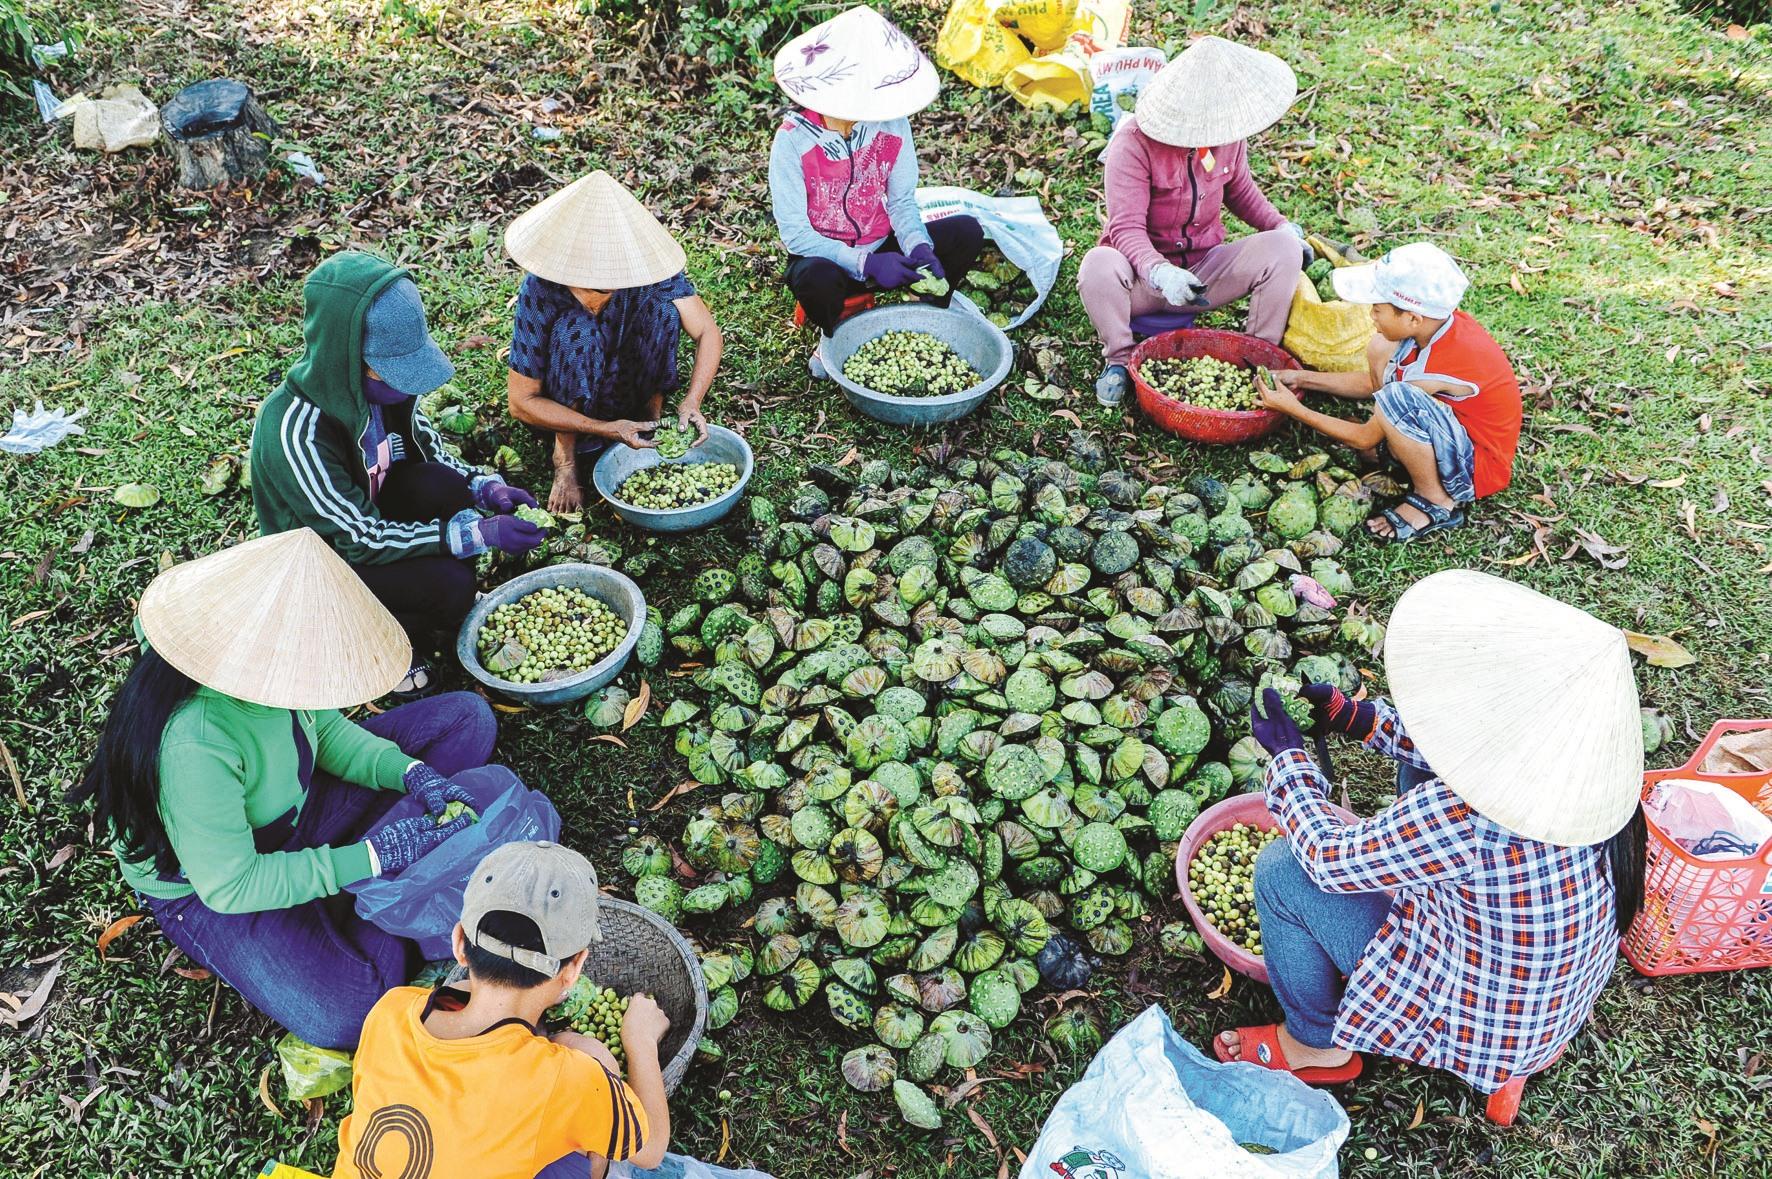 Cùng nhau tách hạt sen không chỉ là công việc mà còn là thú vui của người trồng sen.